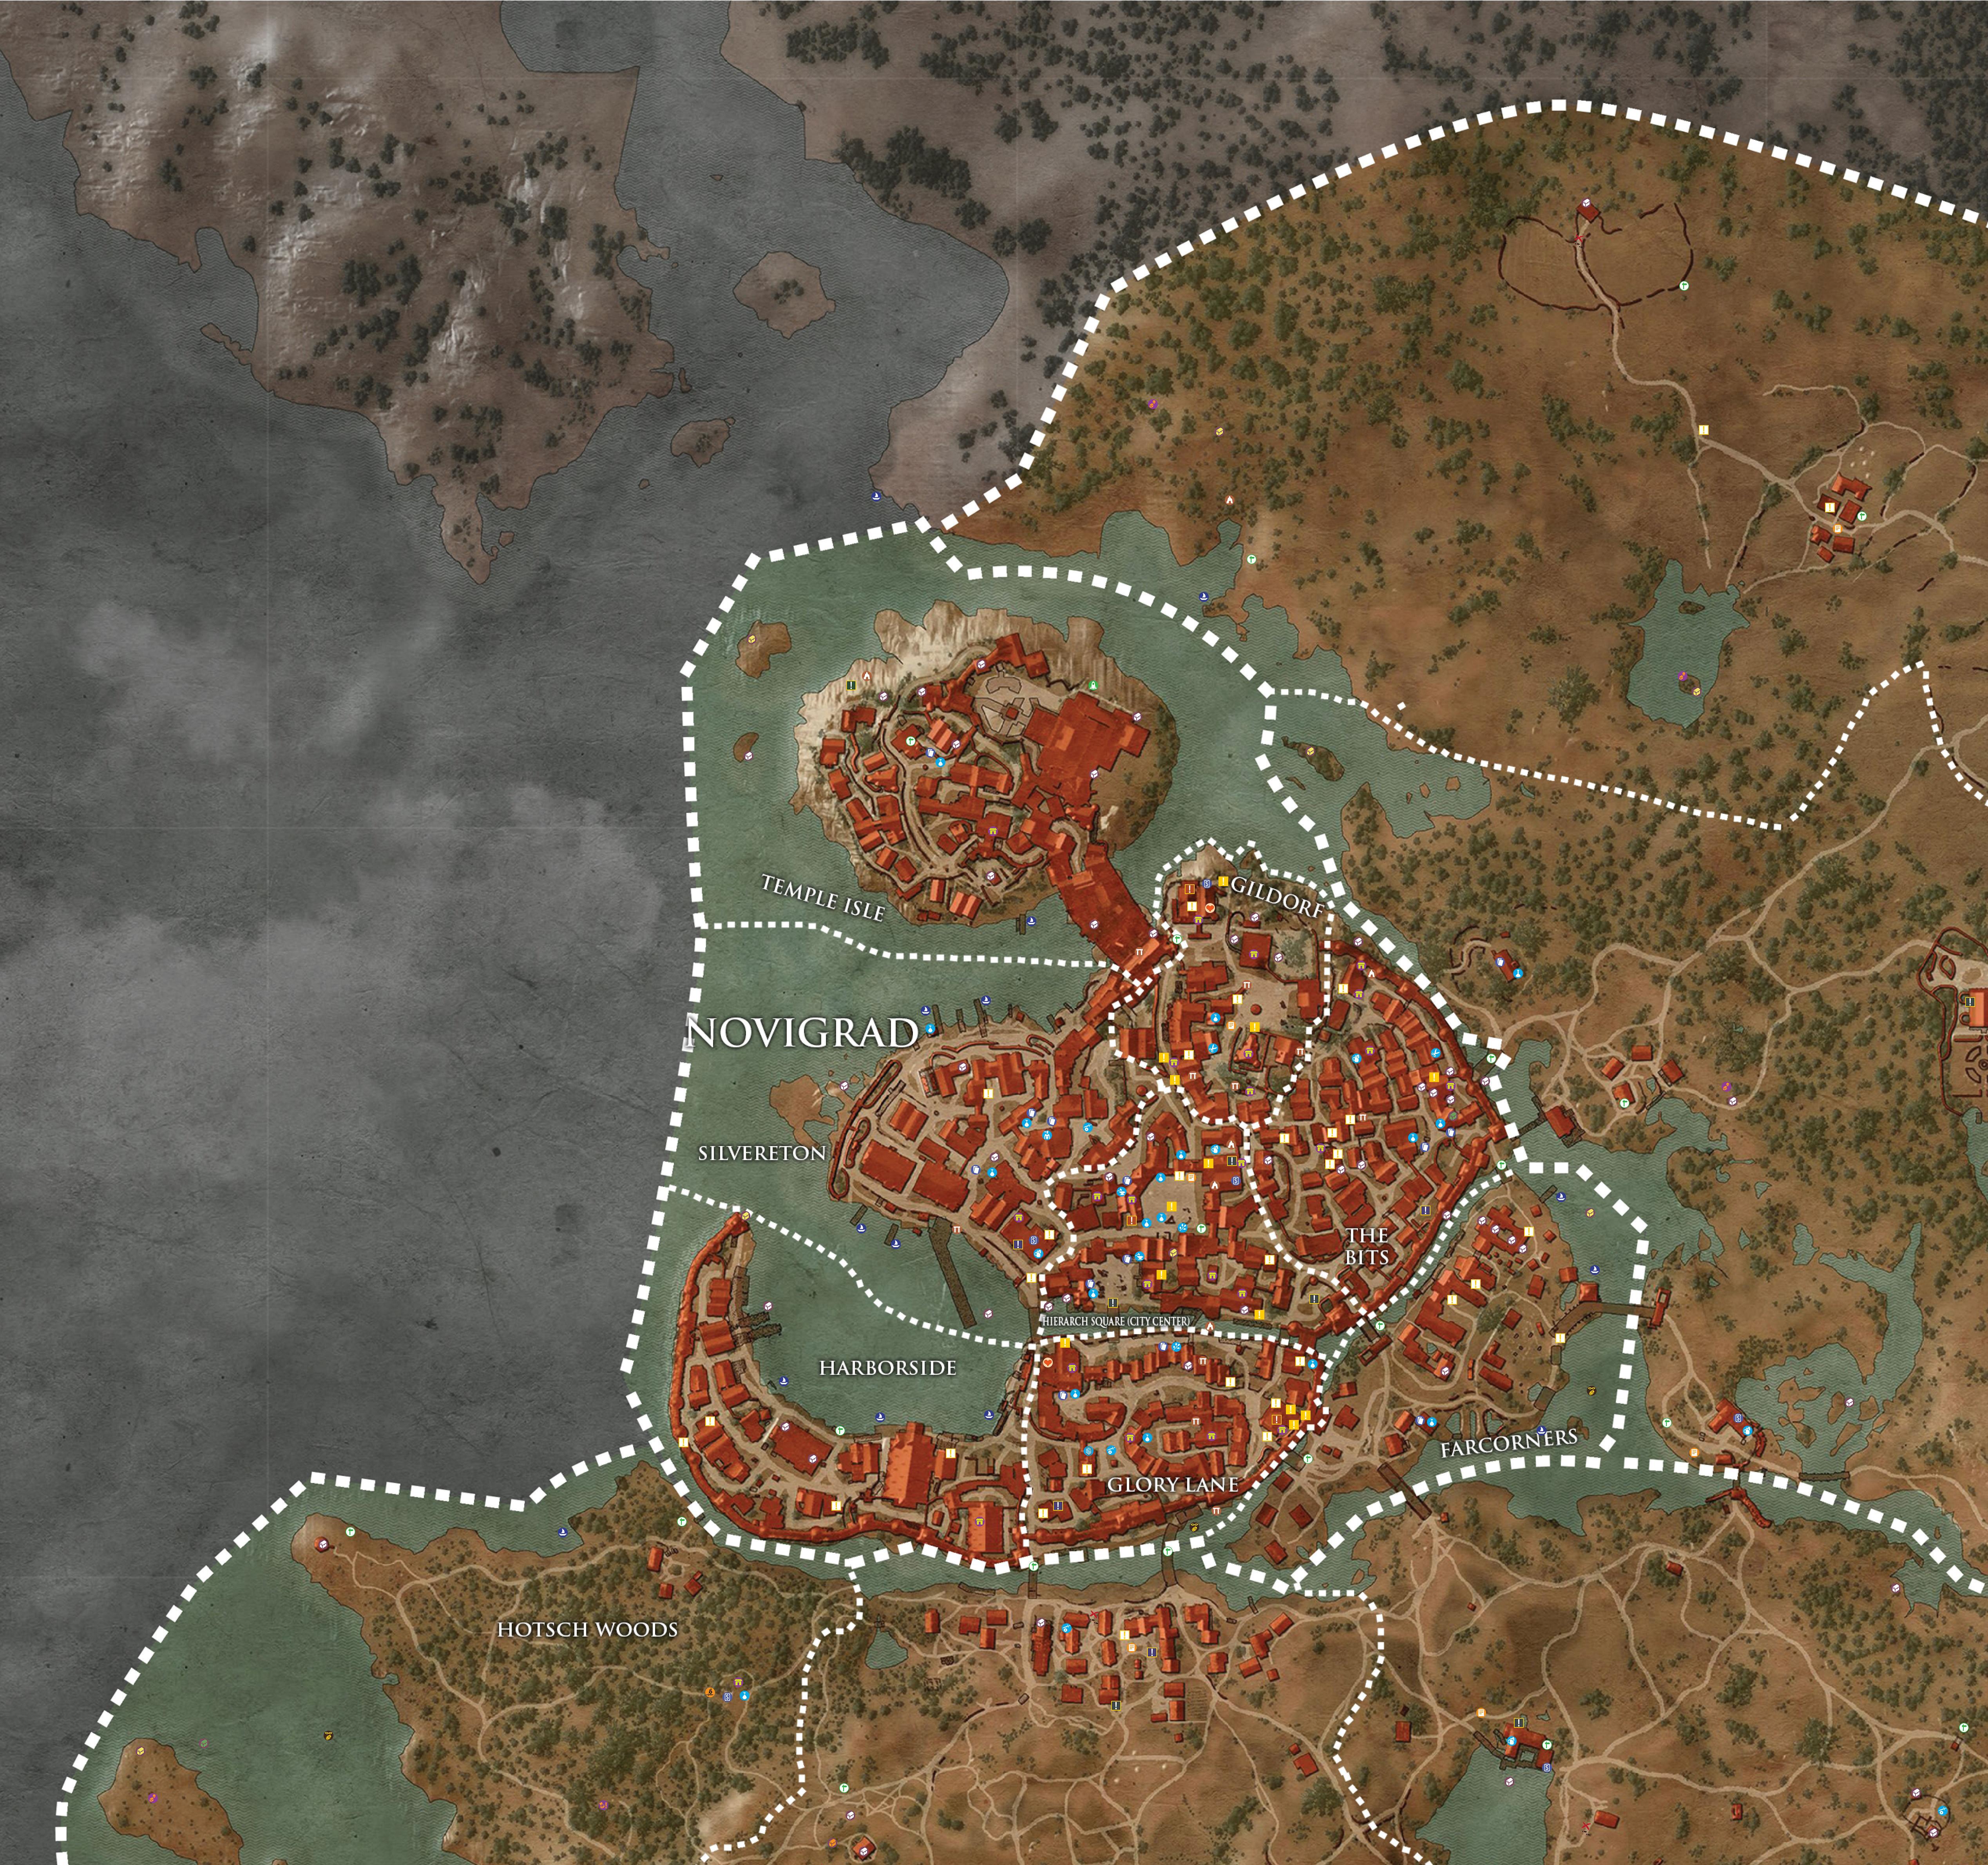 https://i.rutab.net/upload/2015/witcher3/maps/novigrad/images/novigrad-top-left.jpg